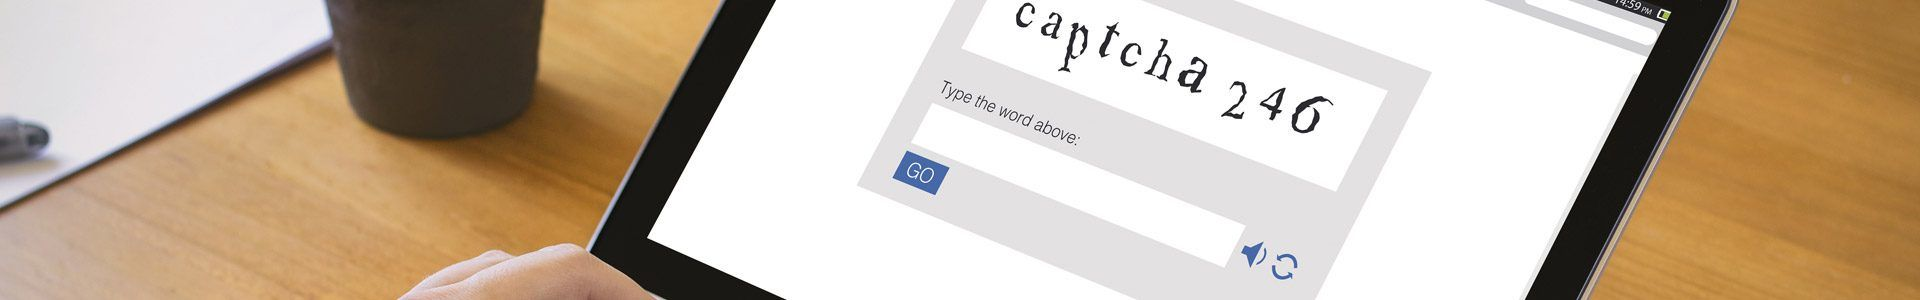 anti-spam-zoektocht-naar-captcha-alternatief